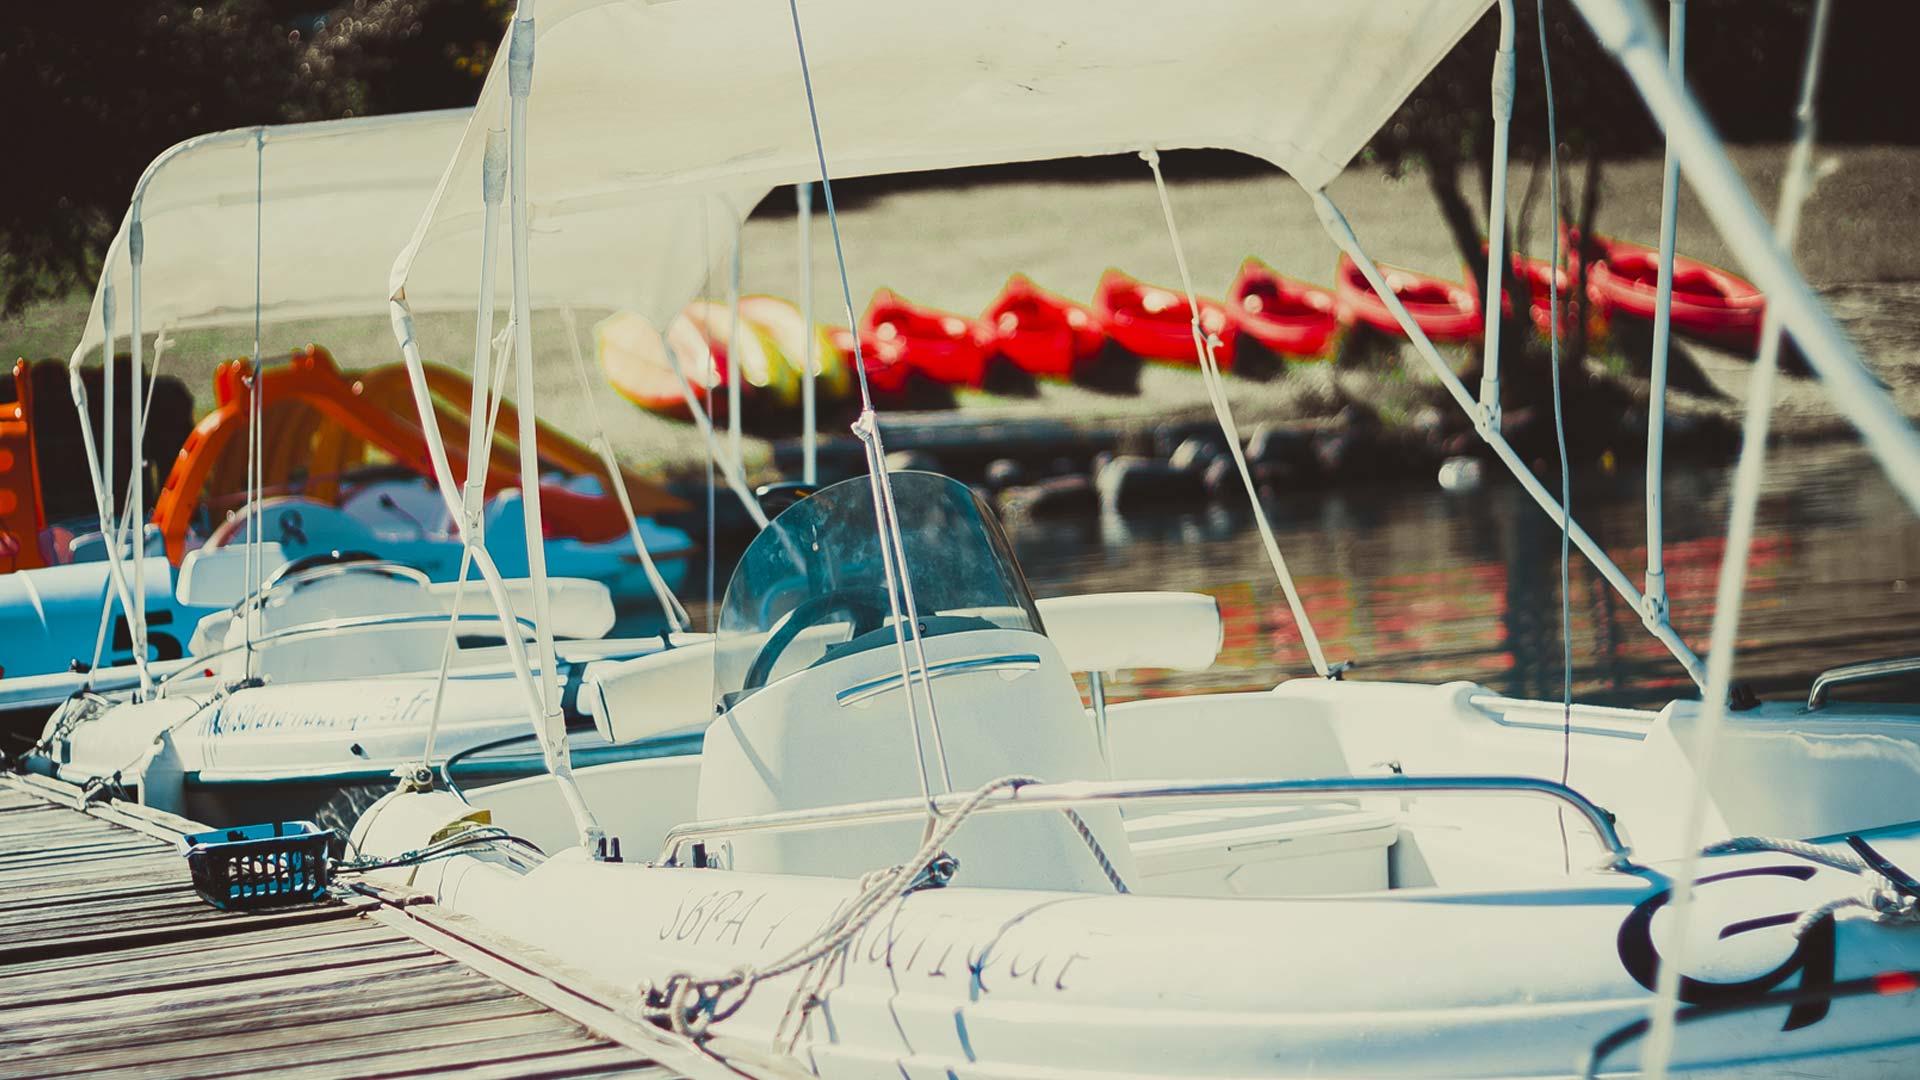 bateau-electrique-serre